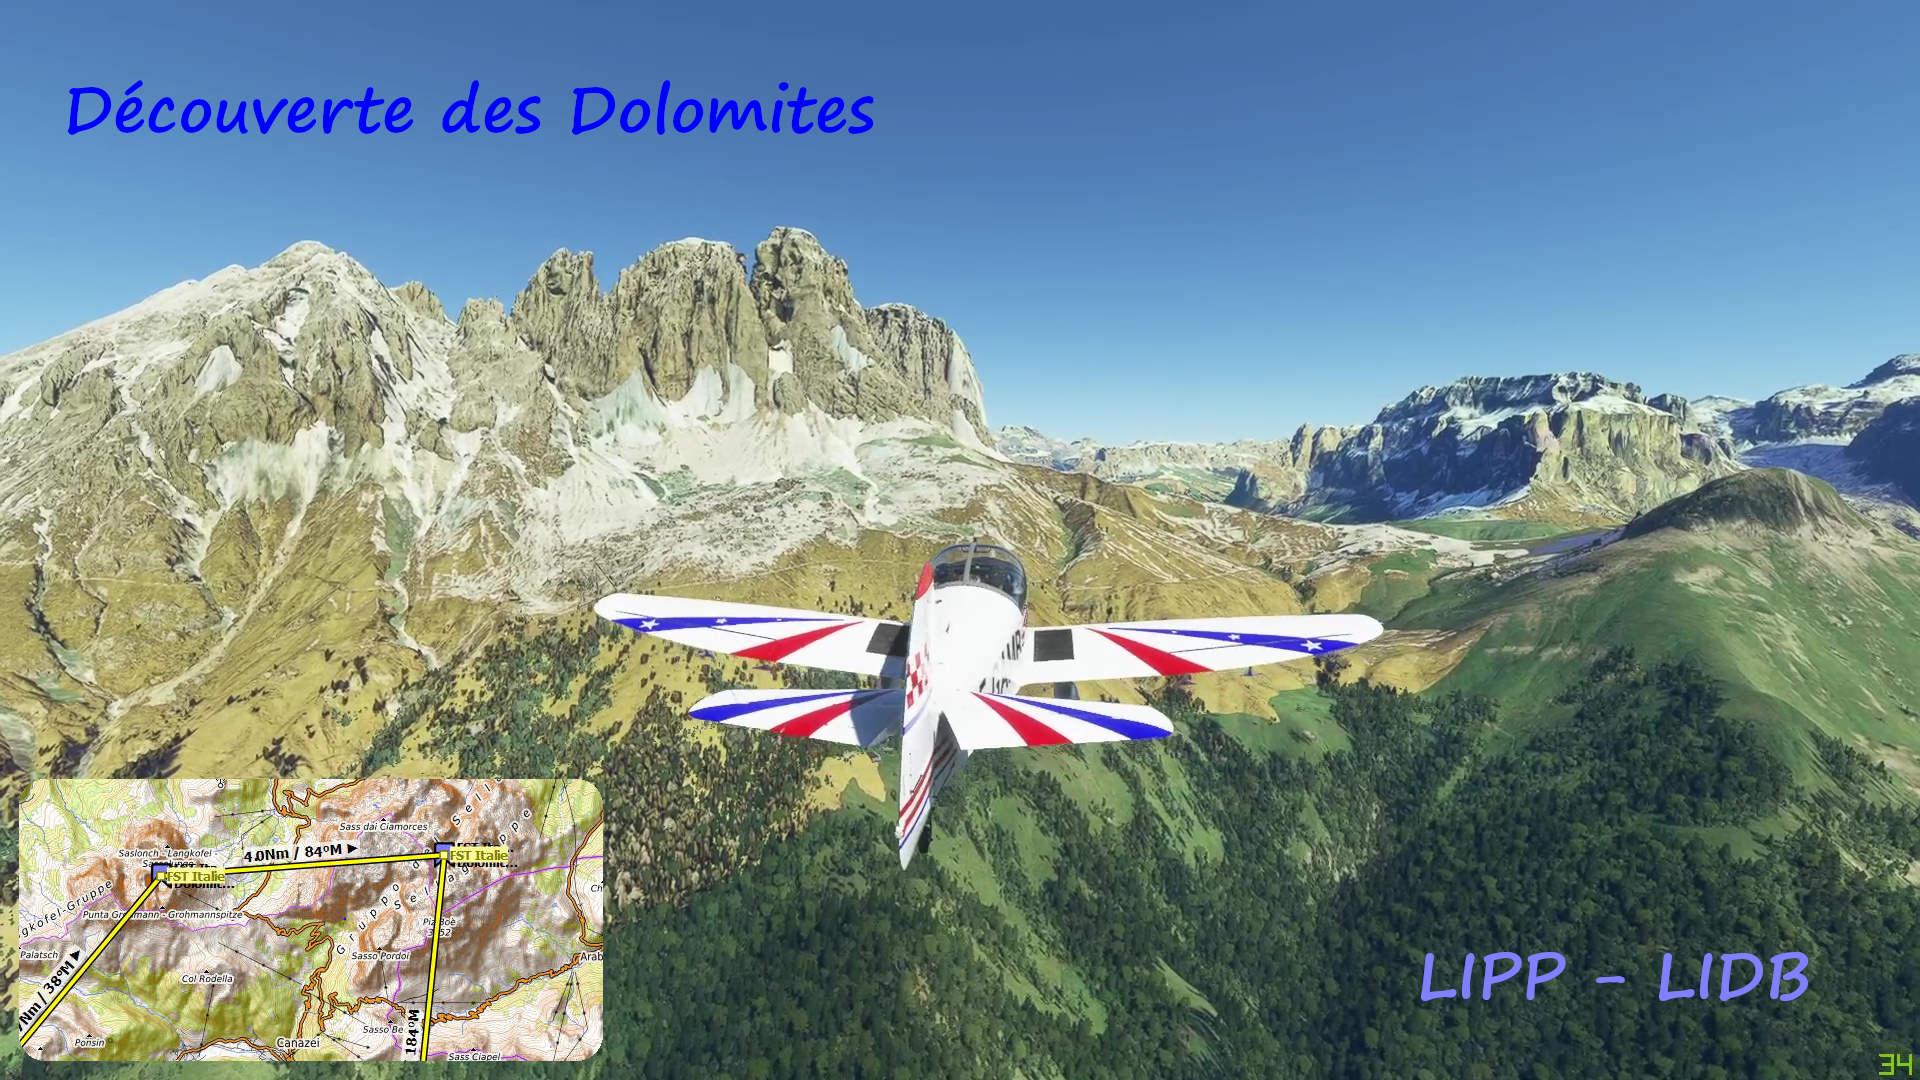 TDFS014_LIPB-LIDB_banniere